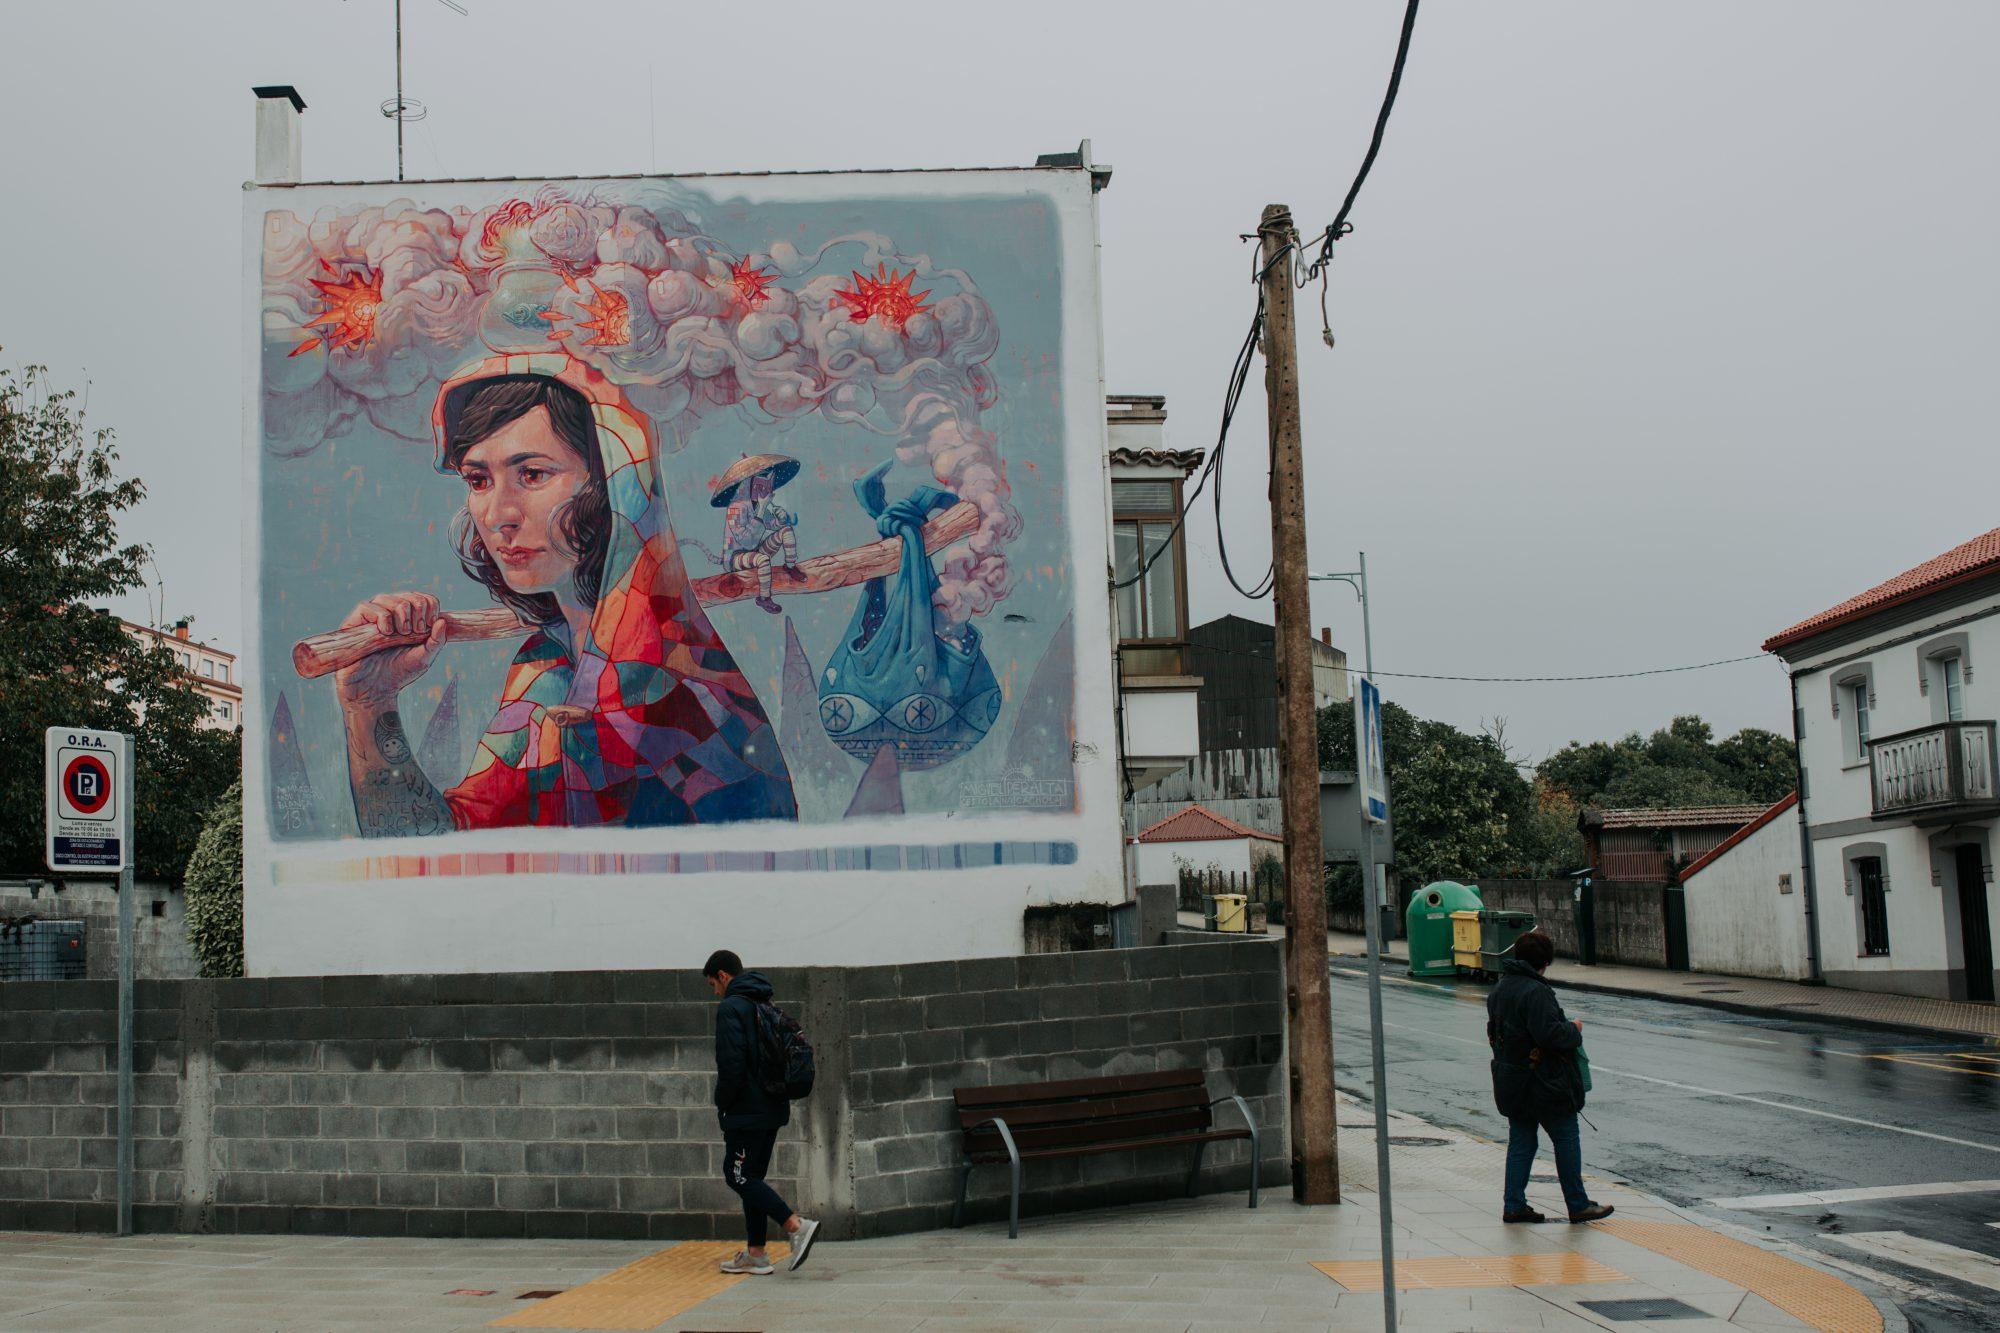 Street art en Ordes: 'Significado', de Miguel Peralta y Xoana Almar